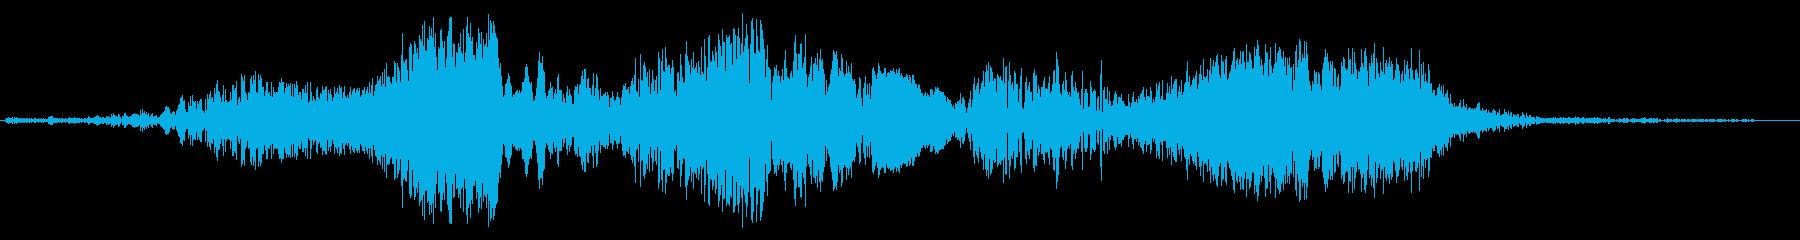 ホワーン(近未来の機械音)の再生済みの波形